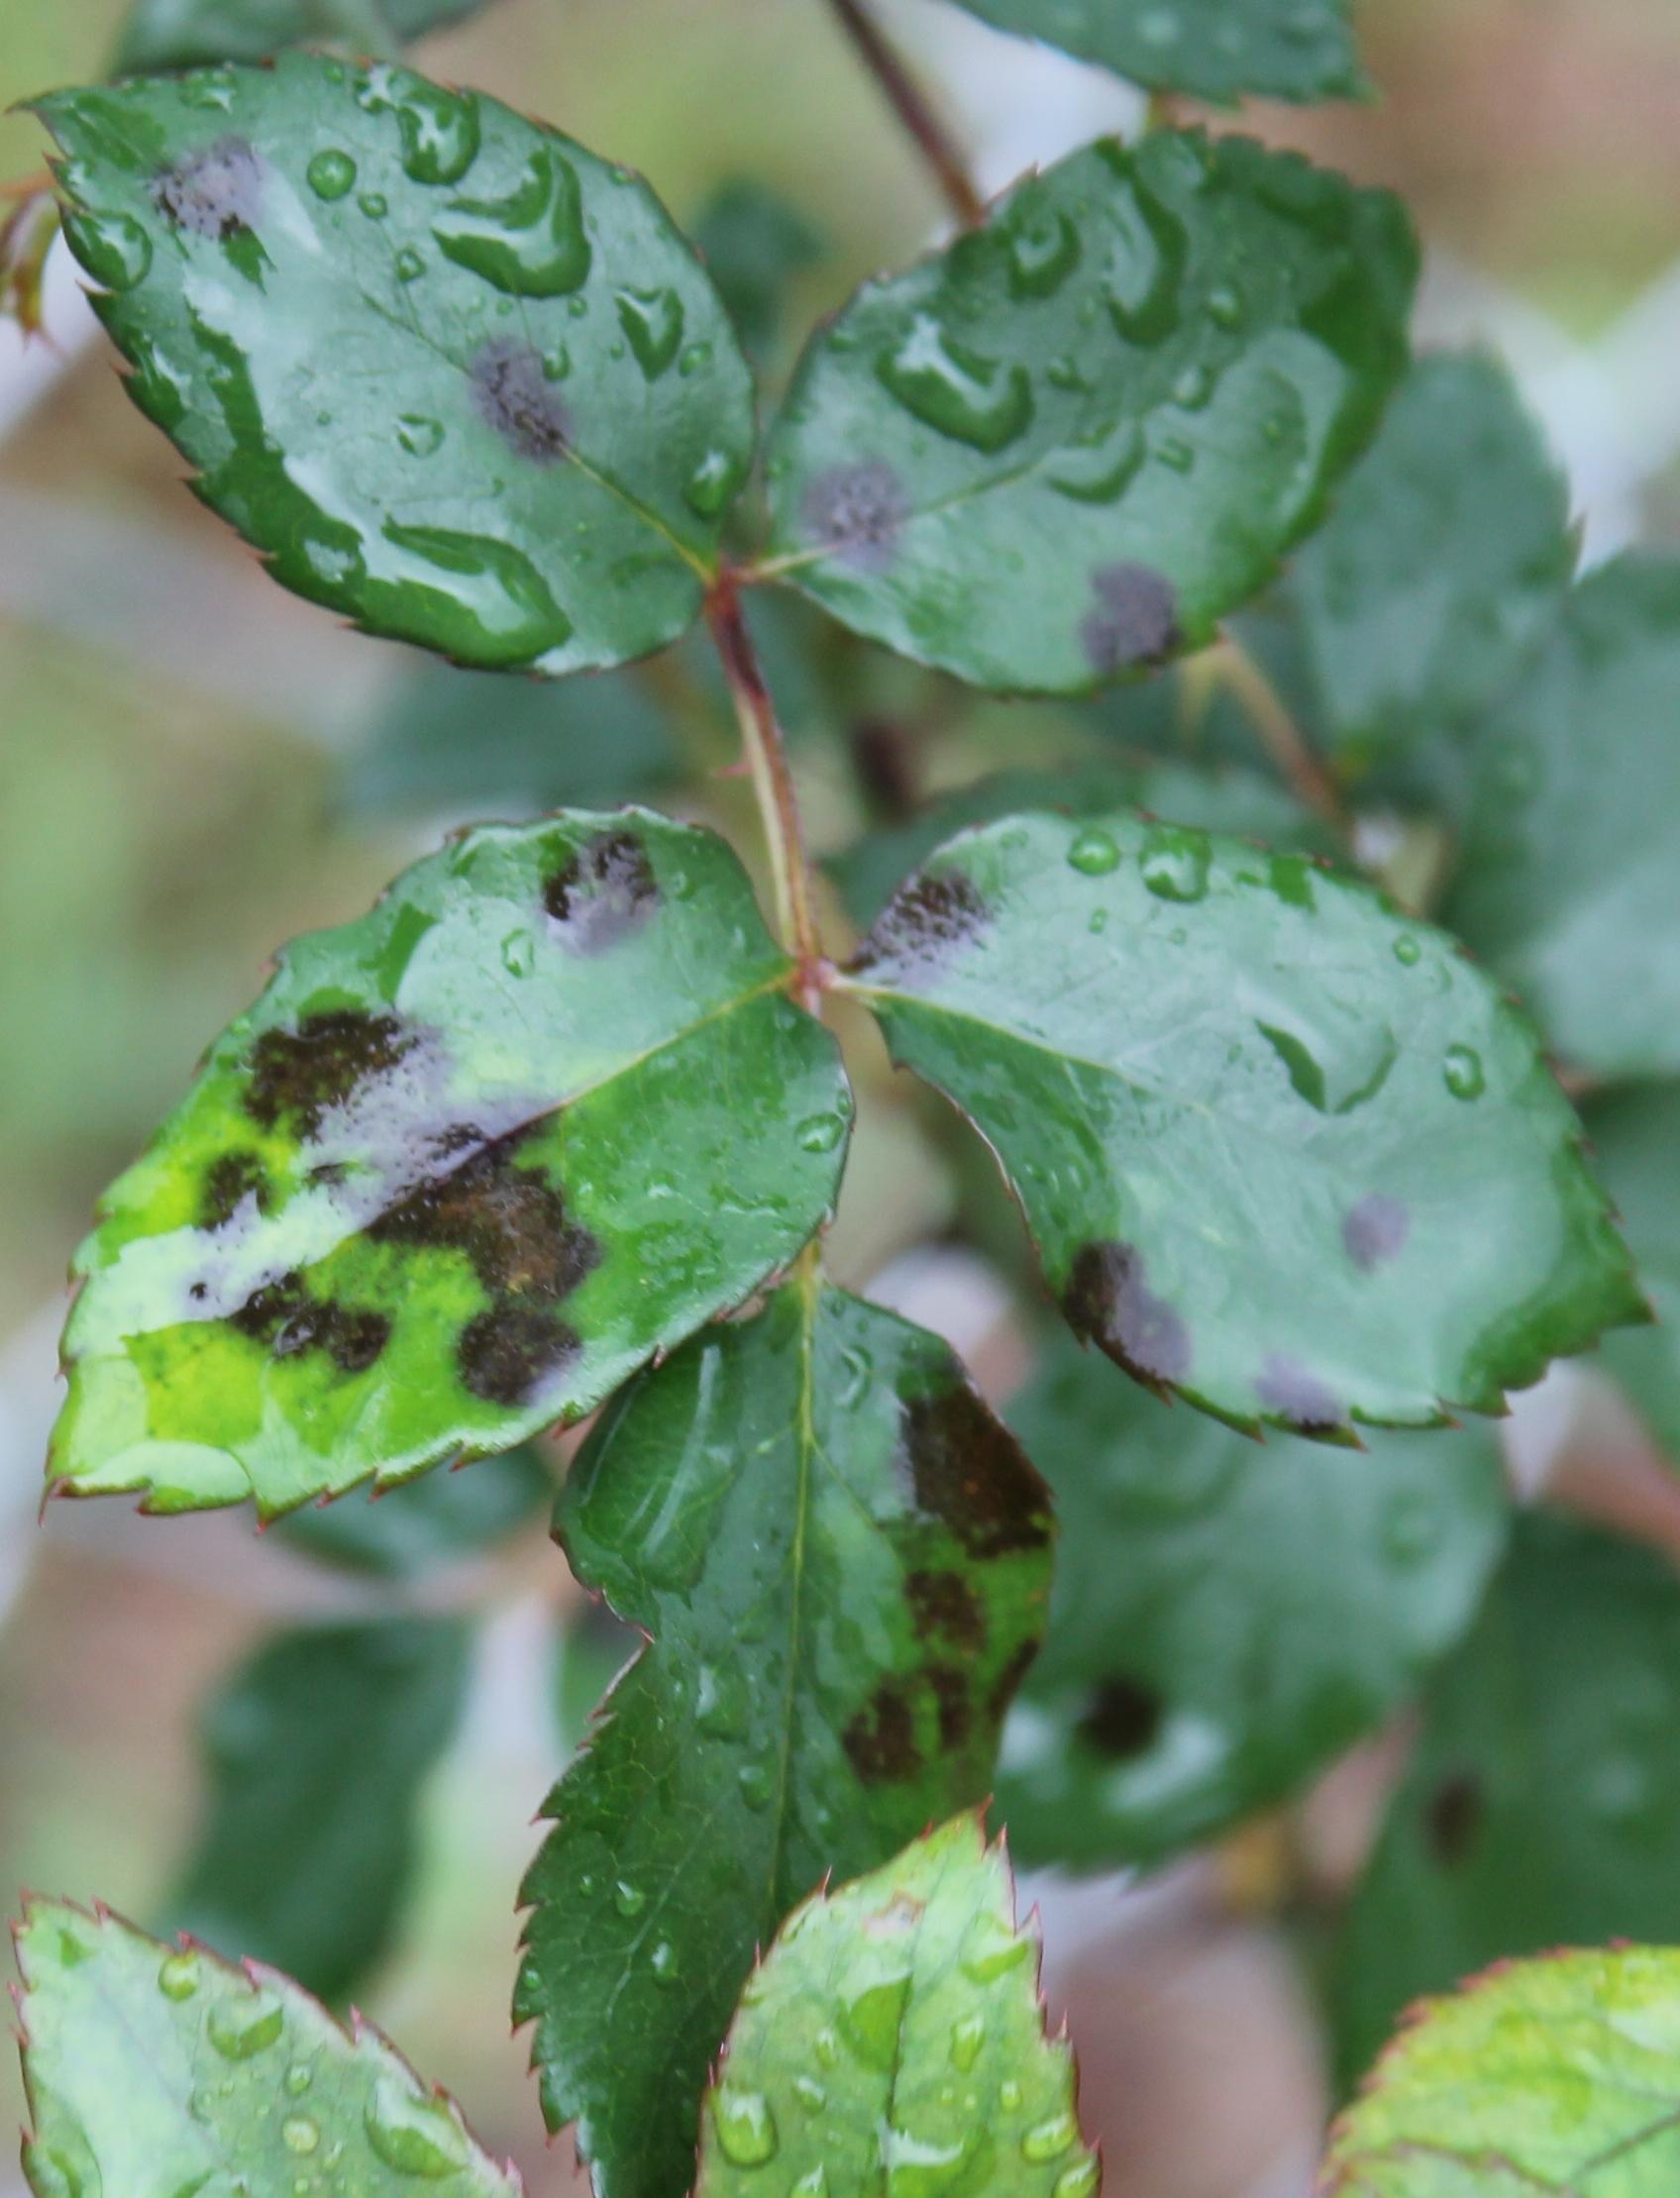 Wet Weather Brings Fungal Diseases